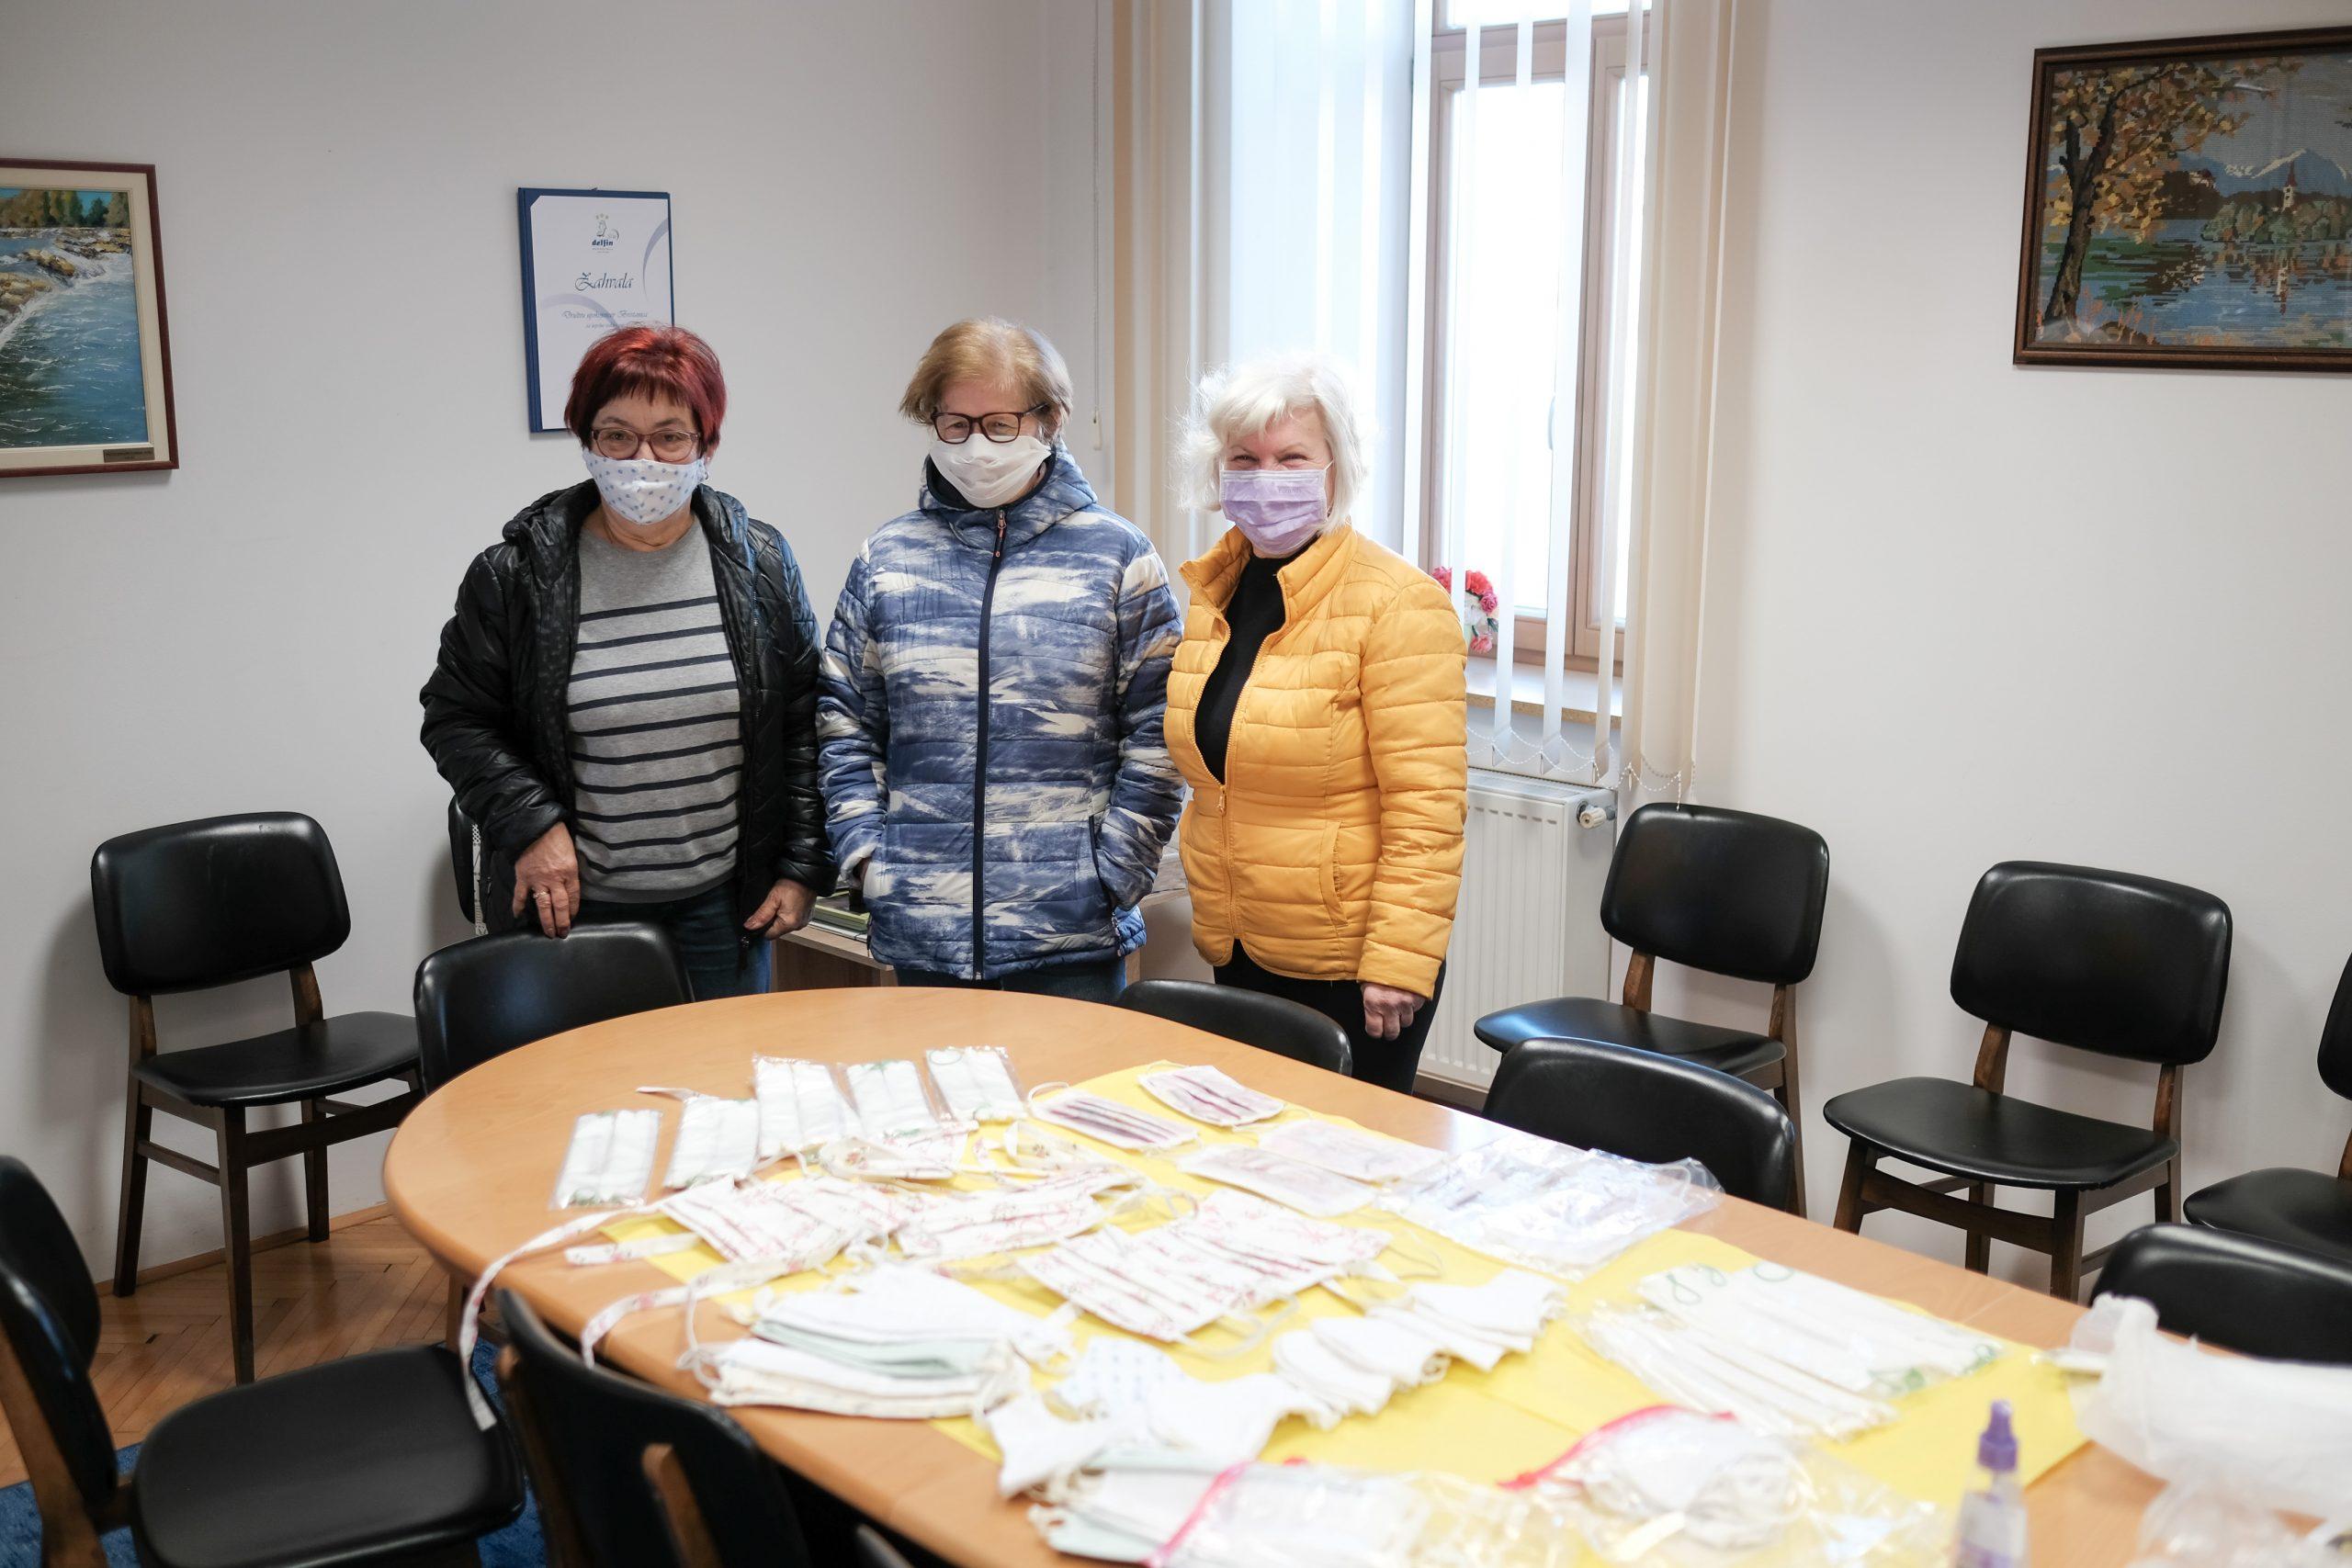 Šivajo in brezplačno delijo zaščitne maske v Brestanici